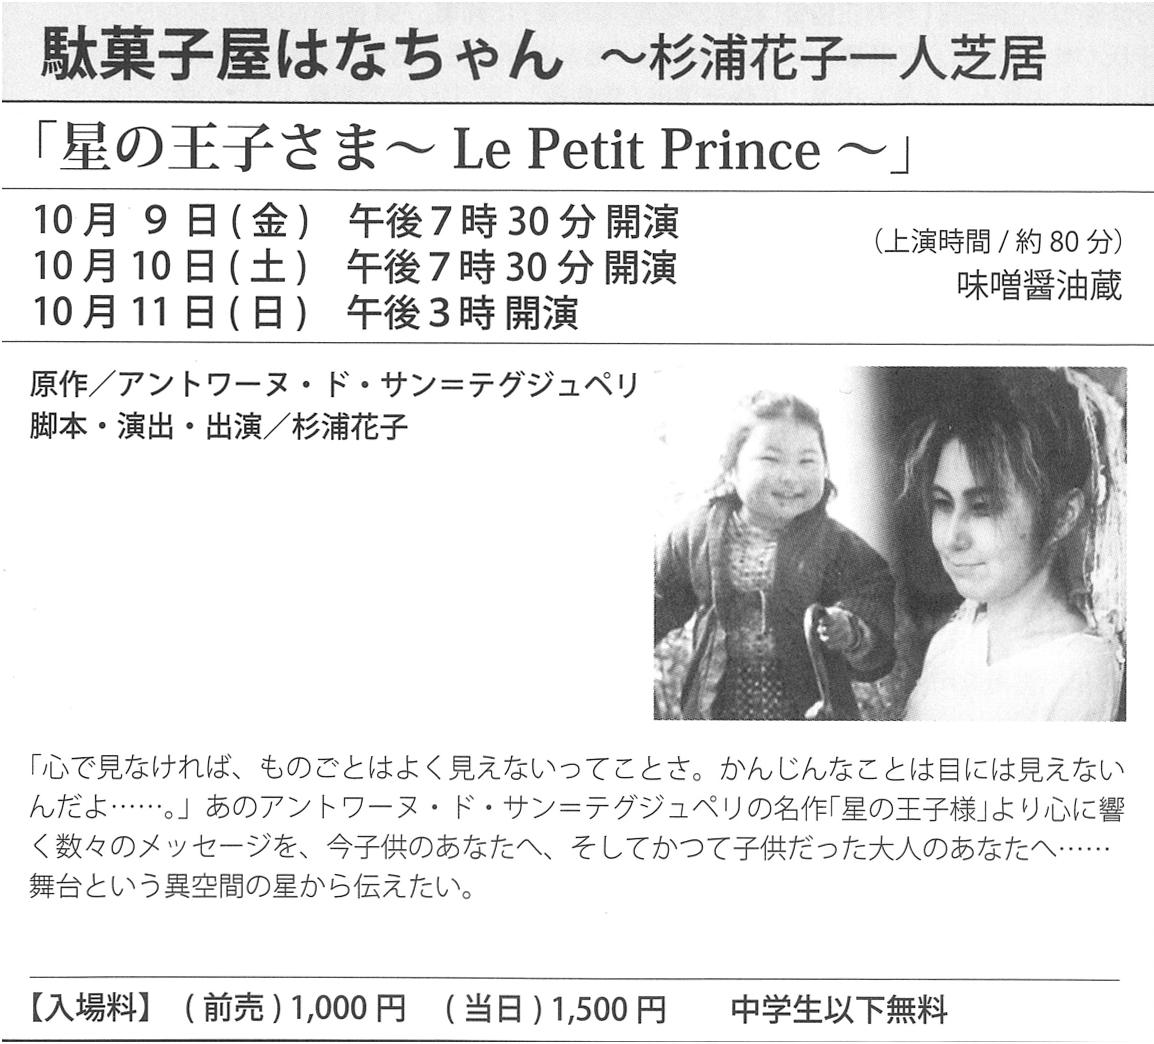 駄菓子屋はなちゃん 10/9-11 9/26-27